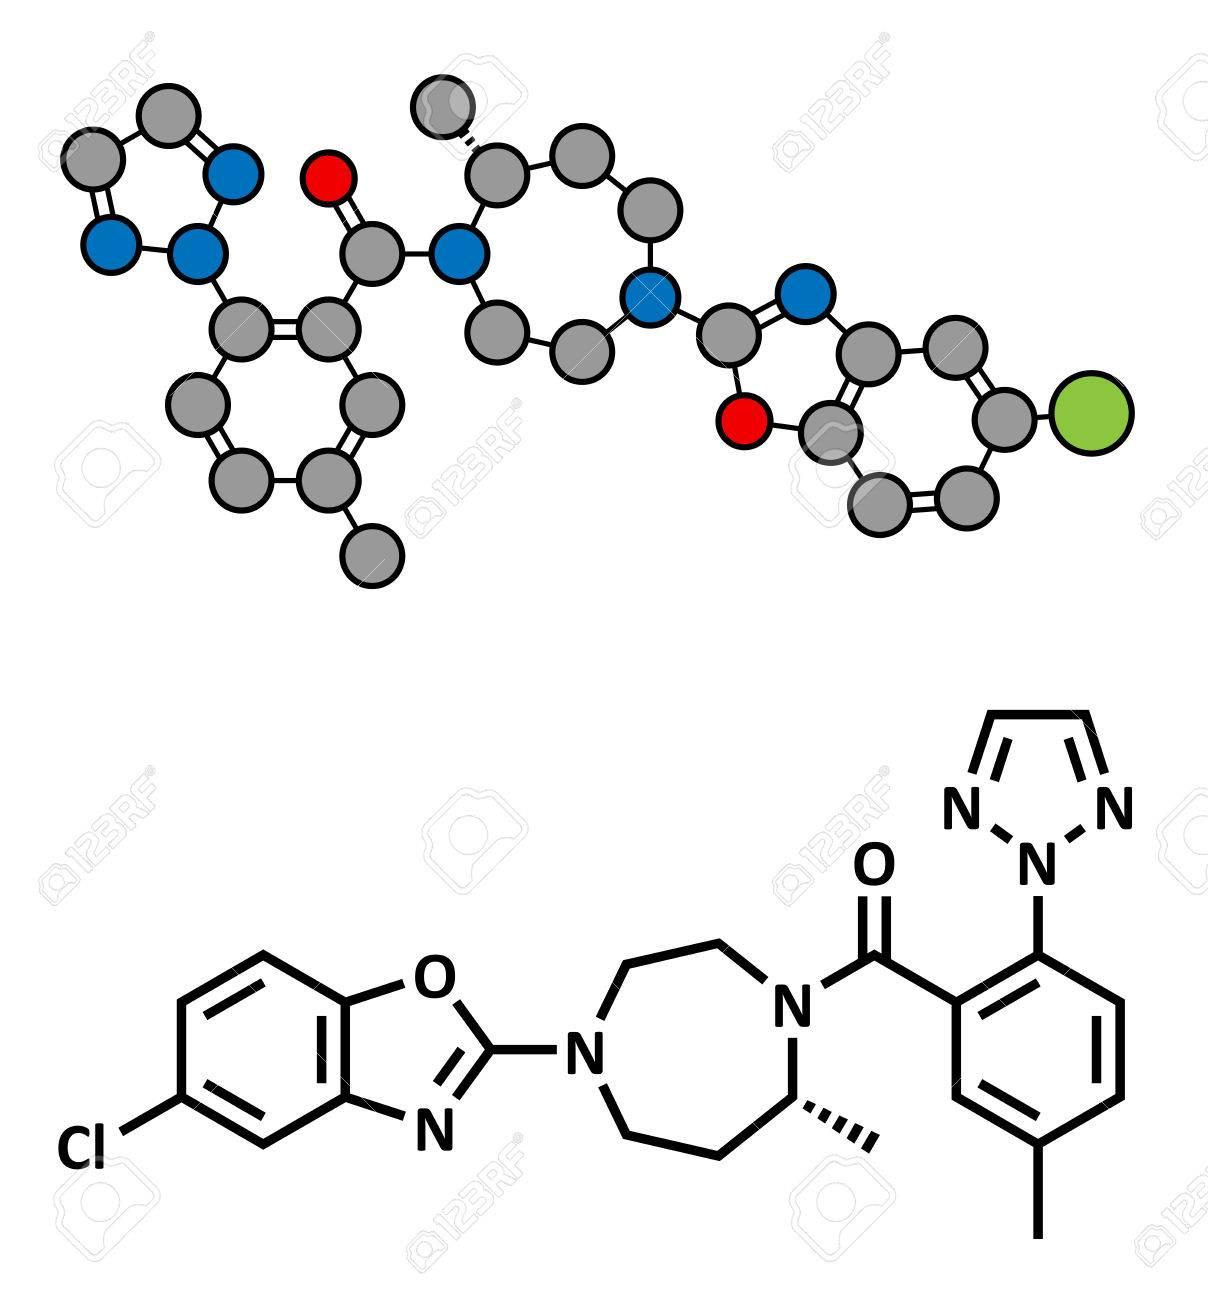 受容 体 薬 オレキシン 拮抗